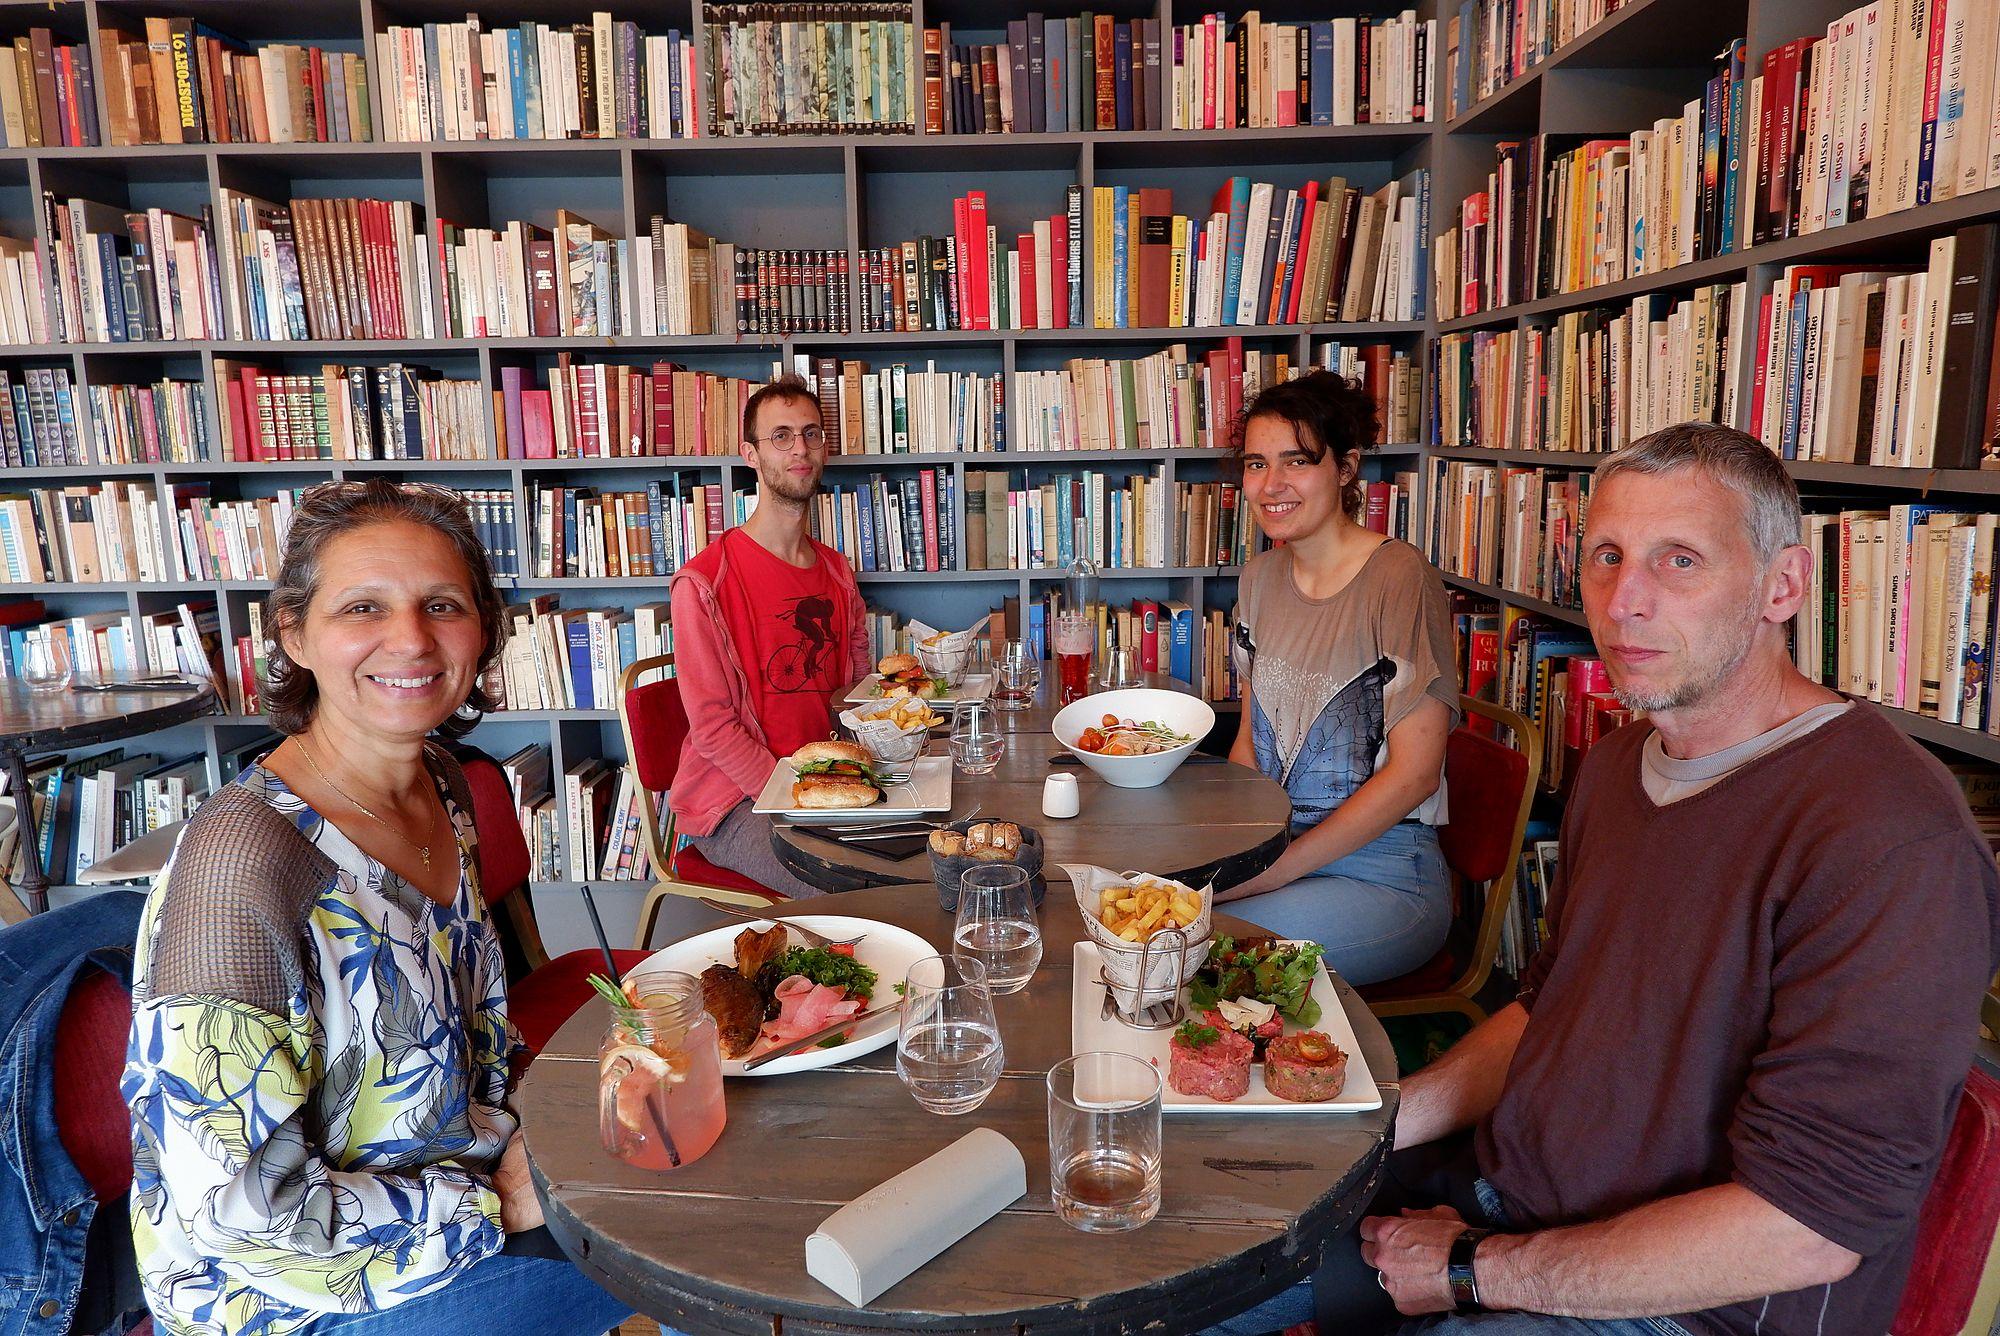 un restaurant dans une bibliothèque